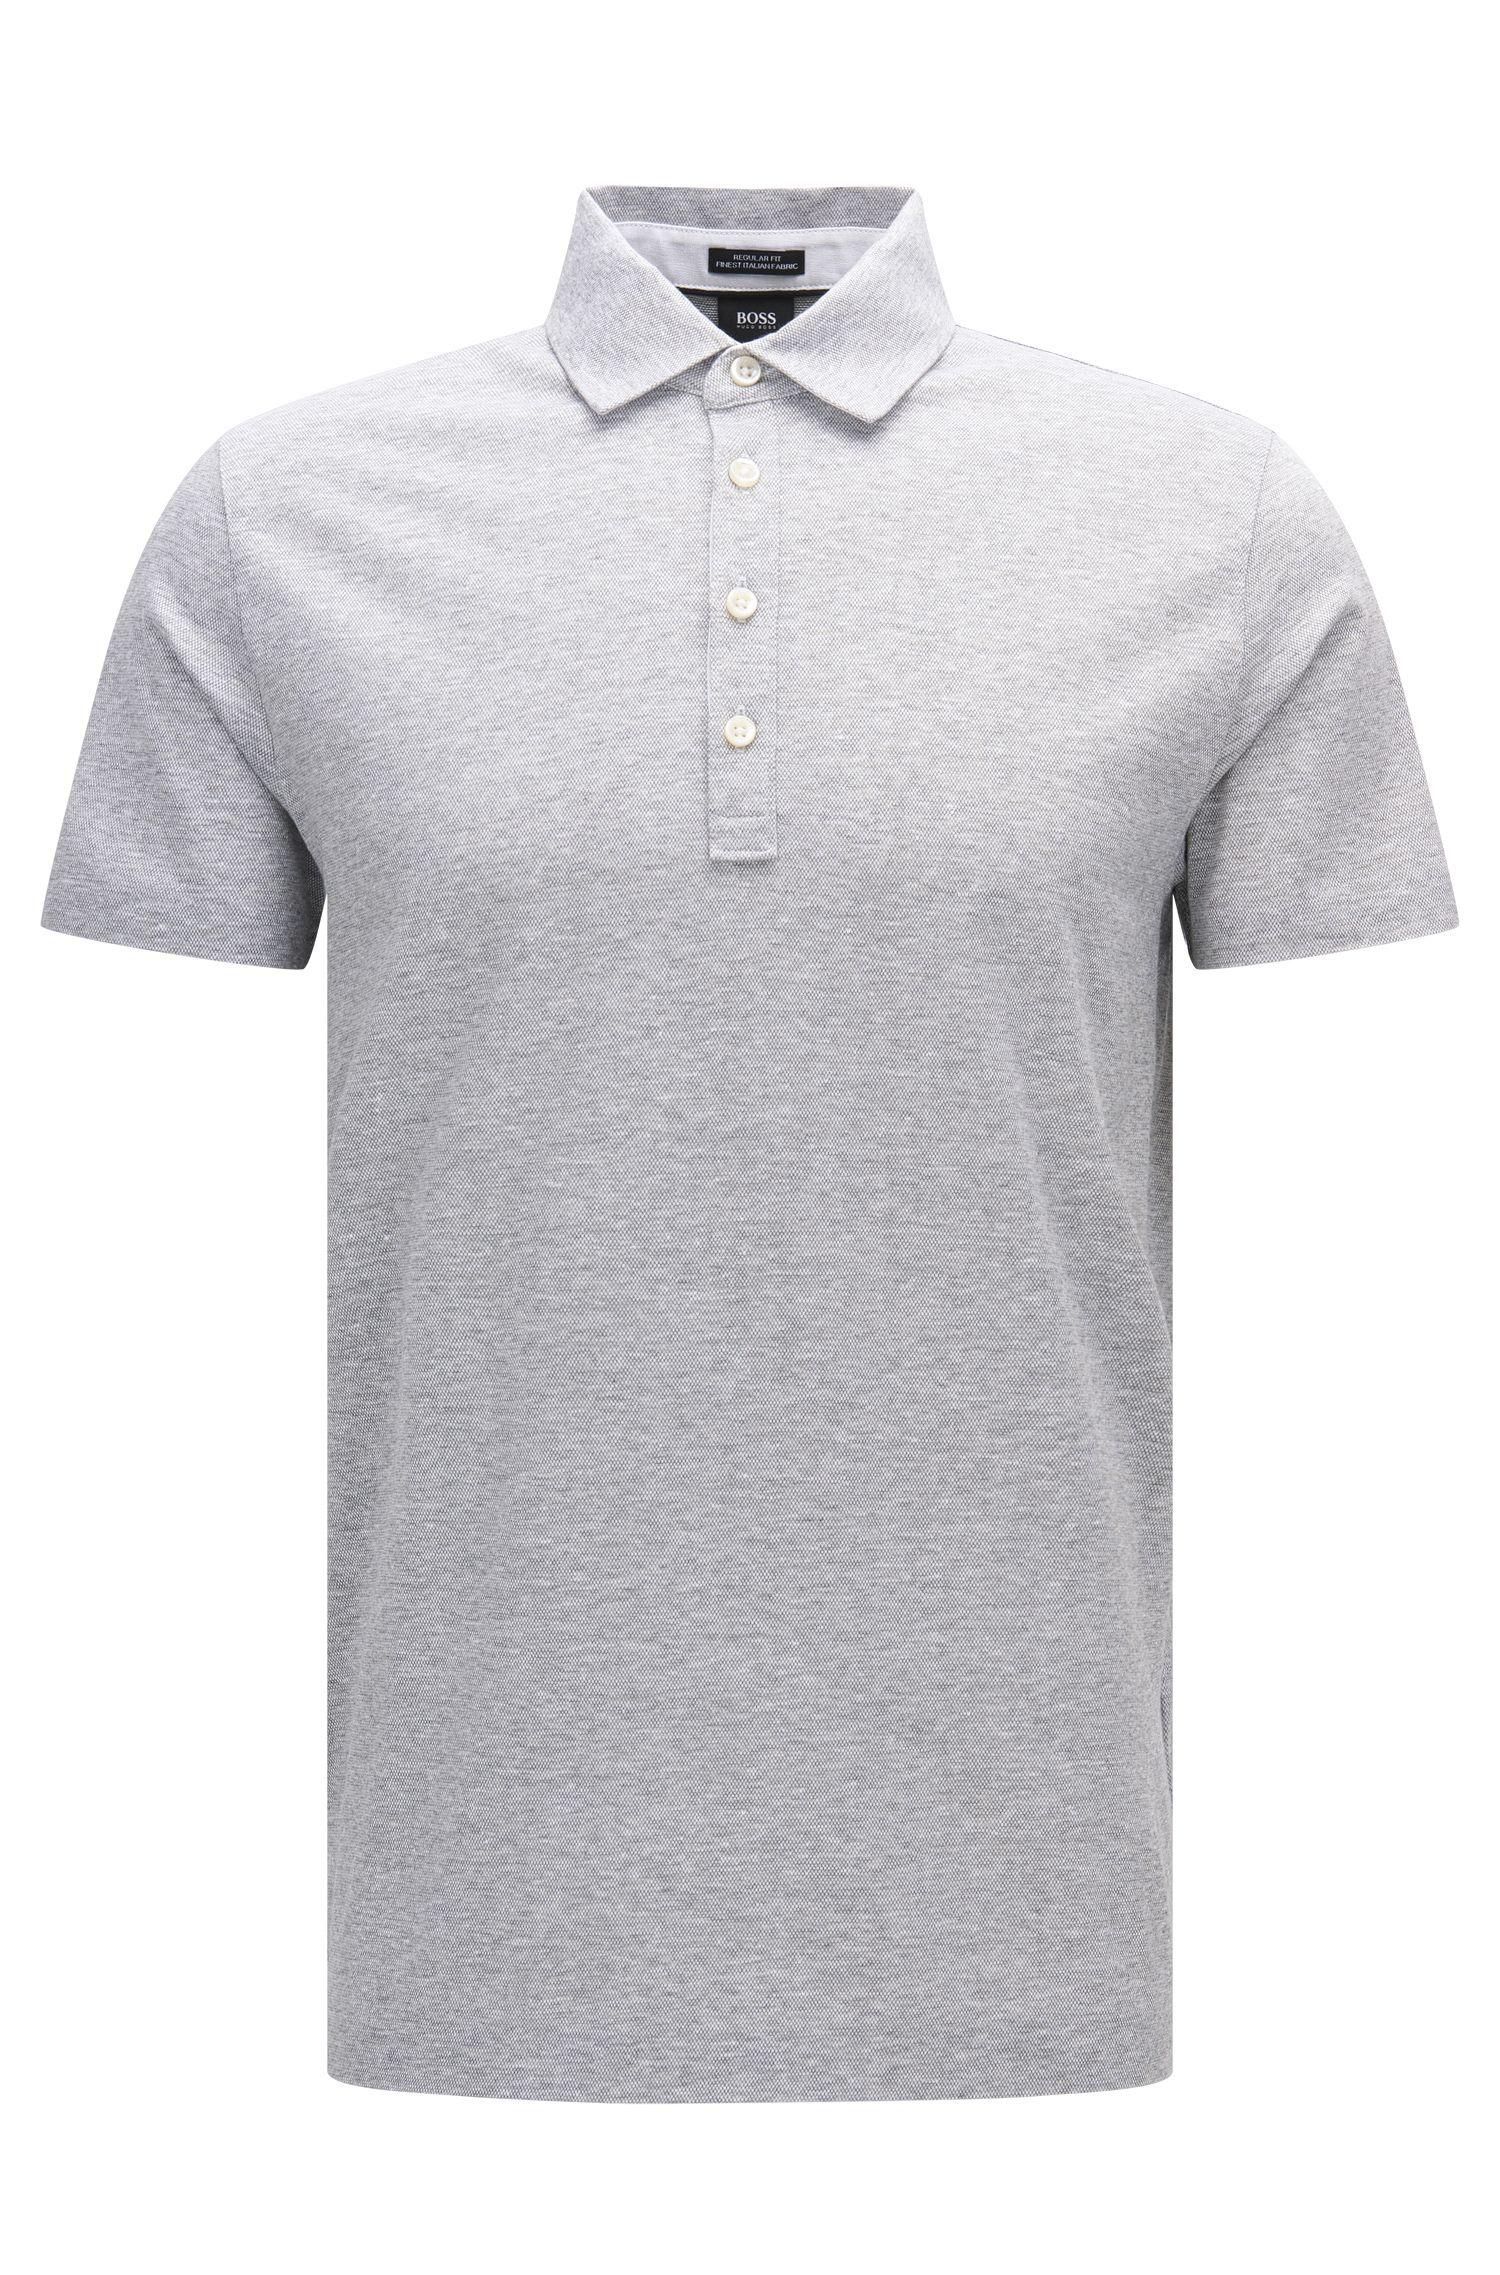 'Press 16' | Regular Fit, Melange Cotton Linen Polo Shirt